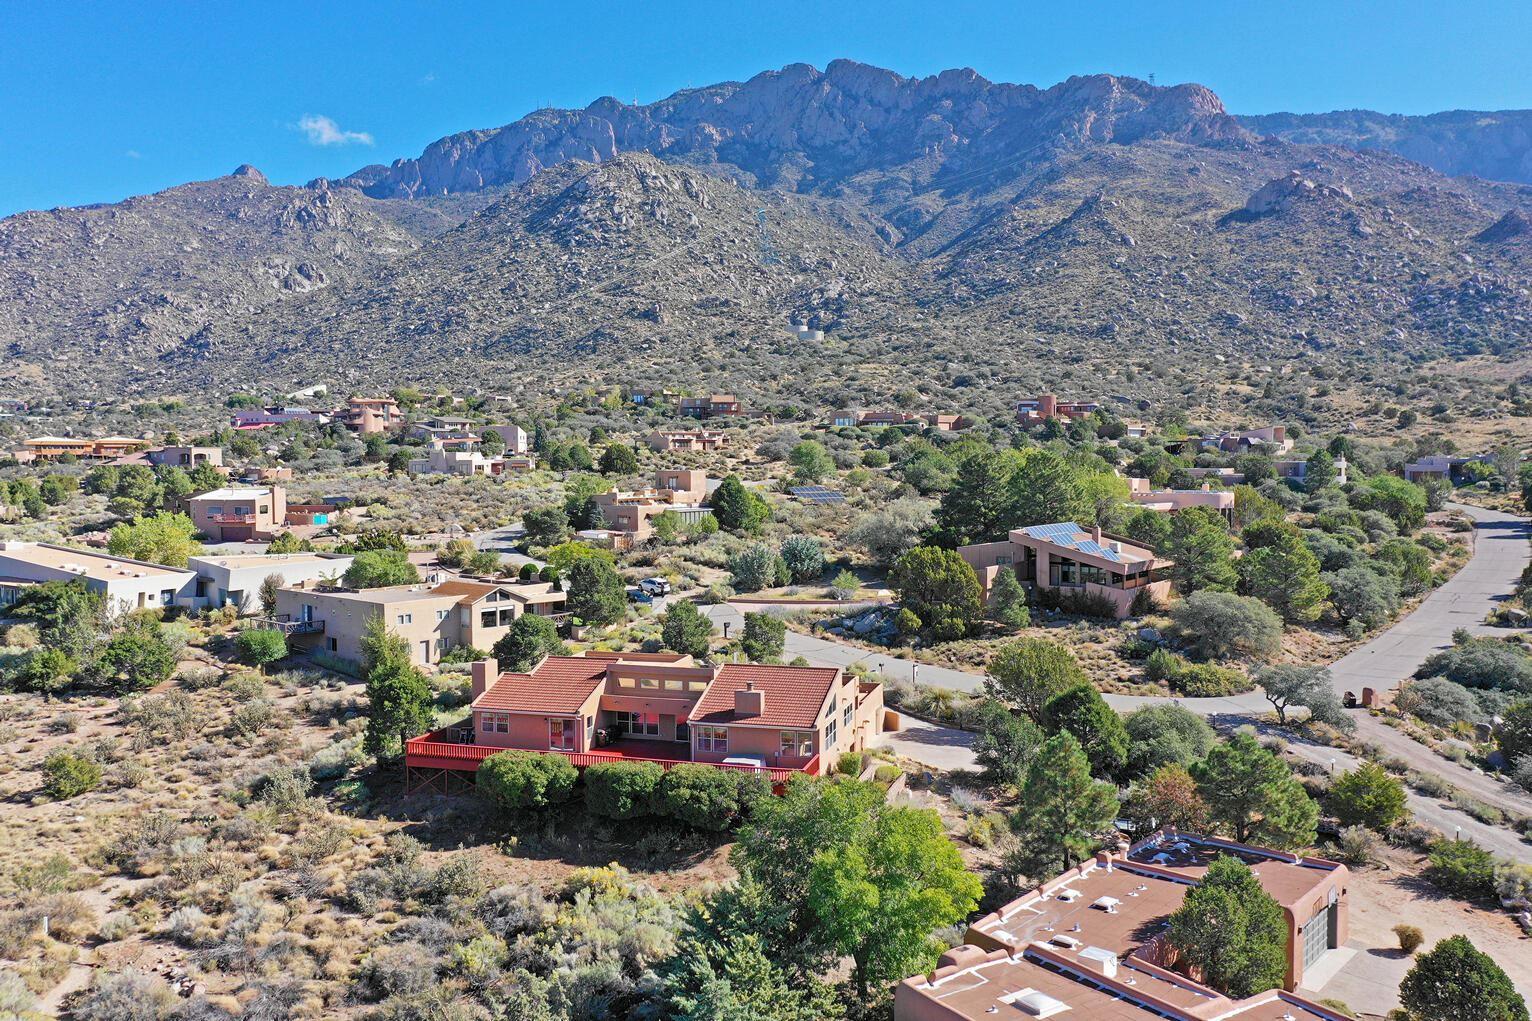 73 PINON HILL Place NE, Albuquerque, NM 87122 - #: 1001878